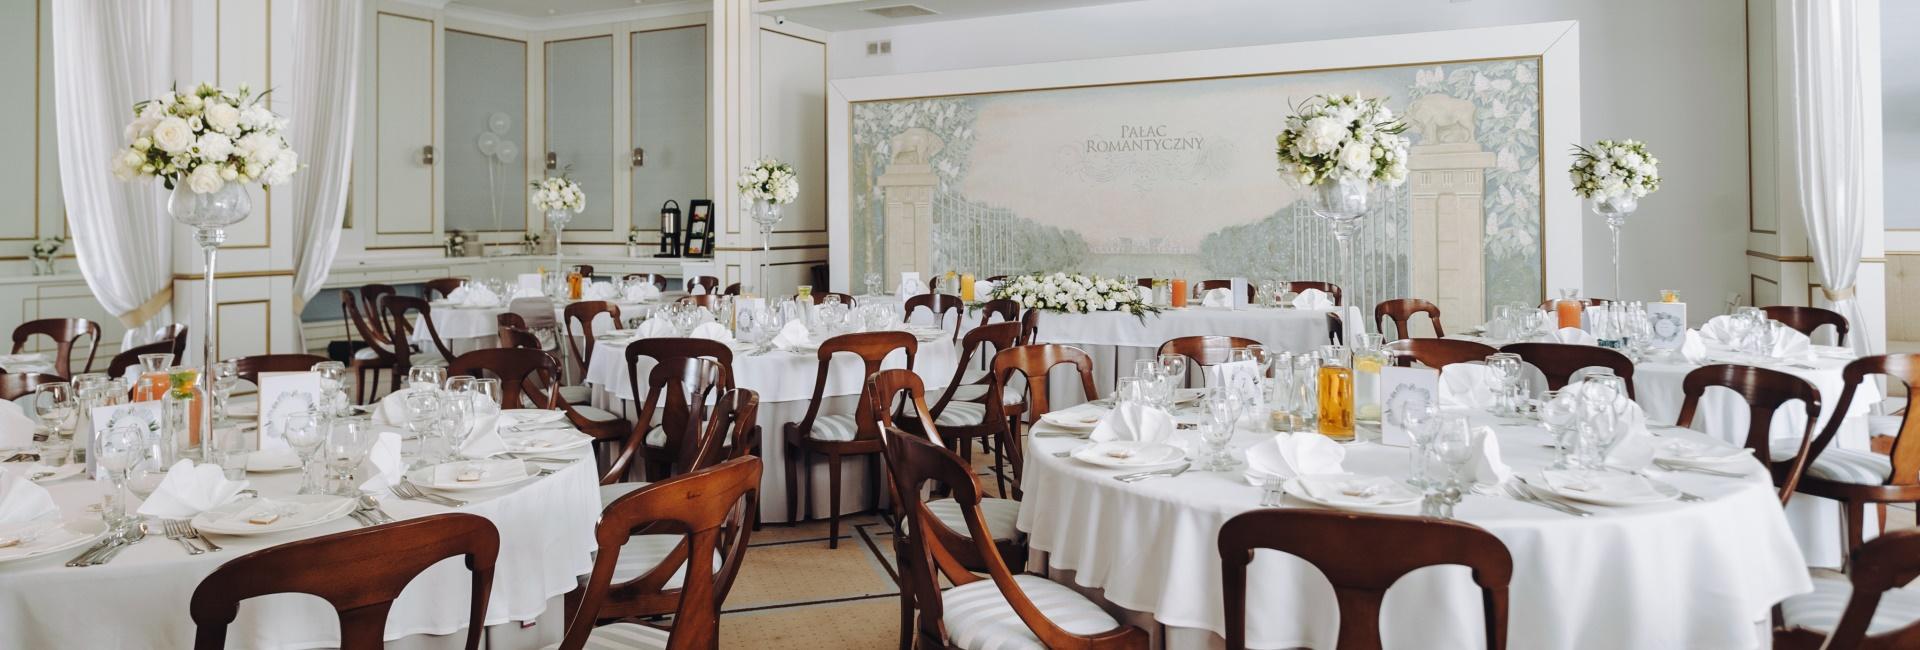 Restaurant at Hotel Romantyczny Palace in Turznie, Kuyavia Pomeranian